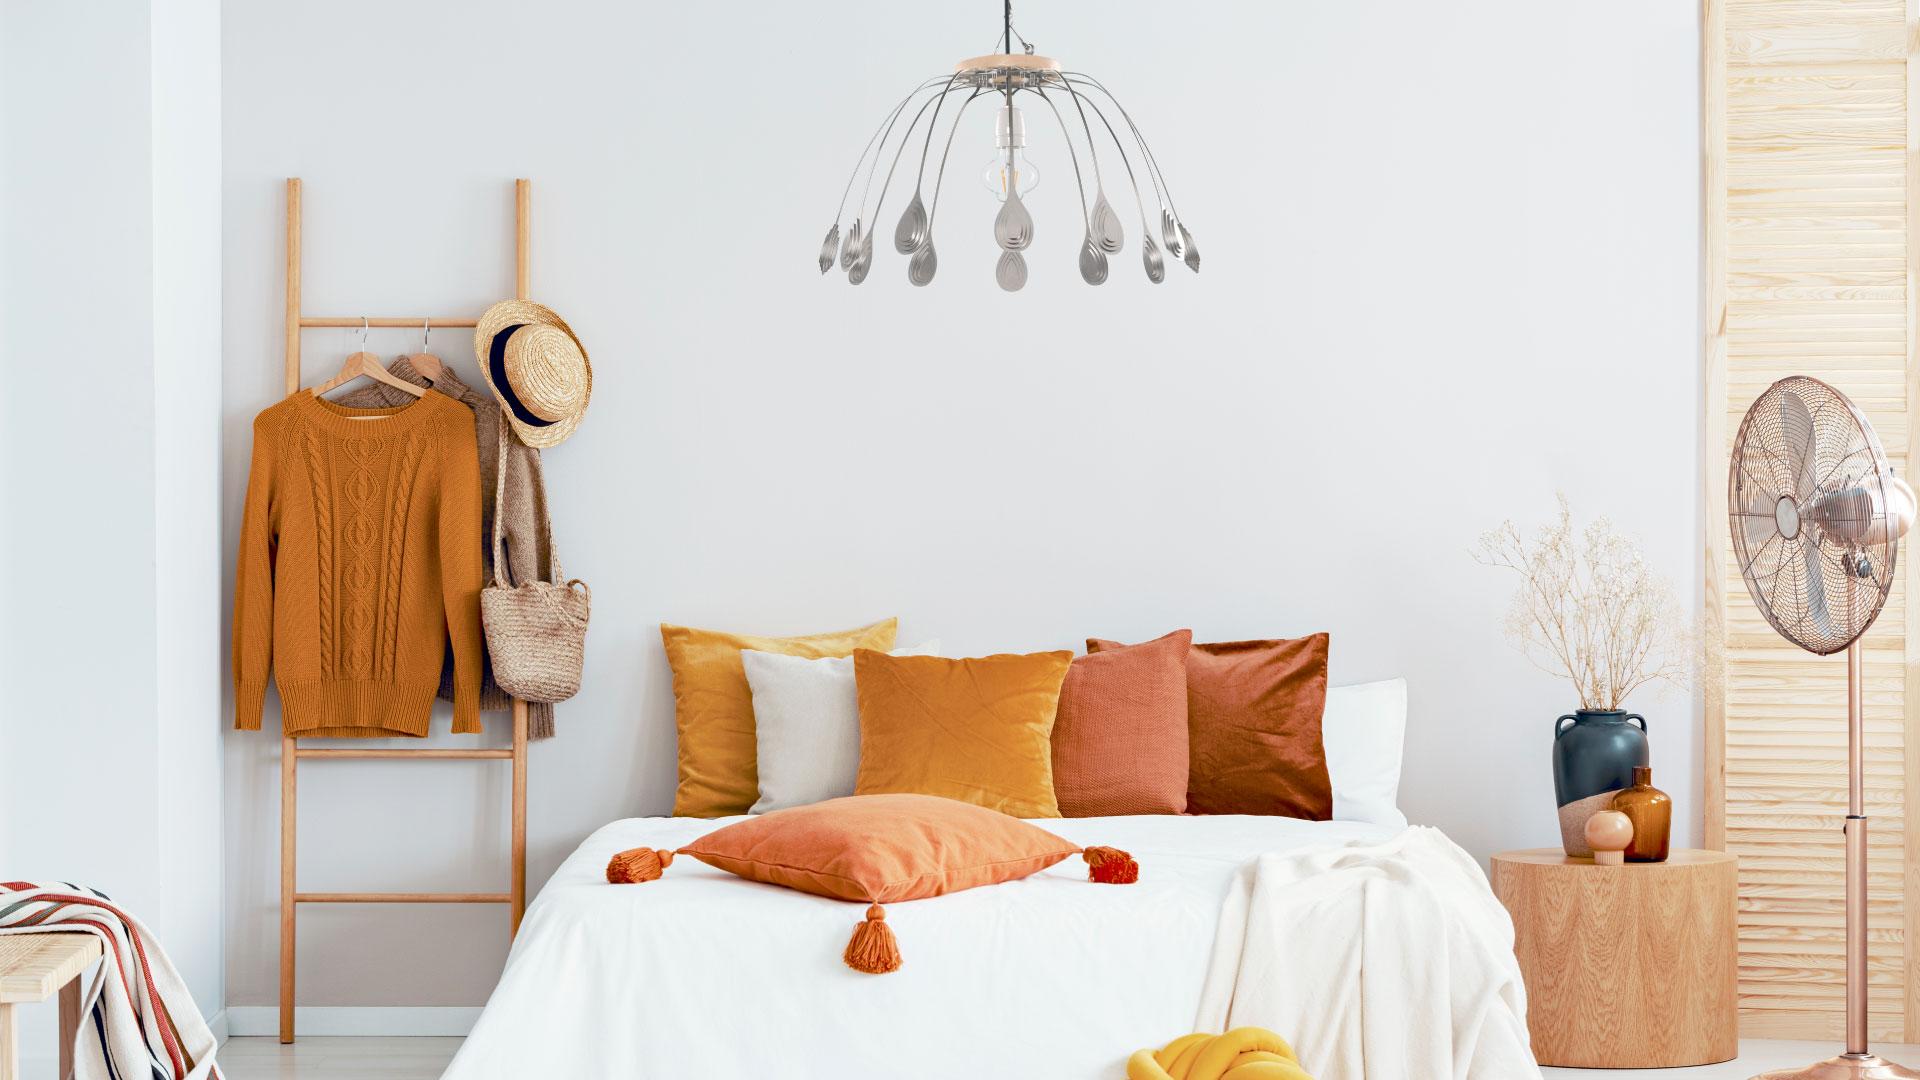 Lámpara CROÓ Doce Lágrimas en dormitorio de tonos blancos y anaranjados